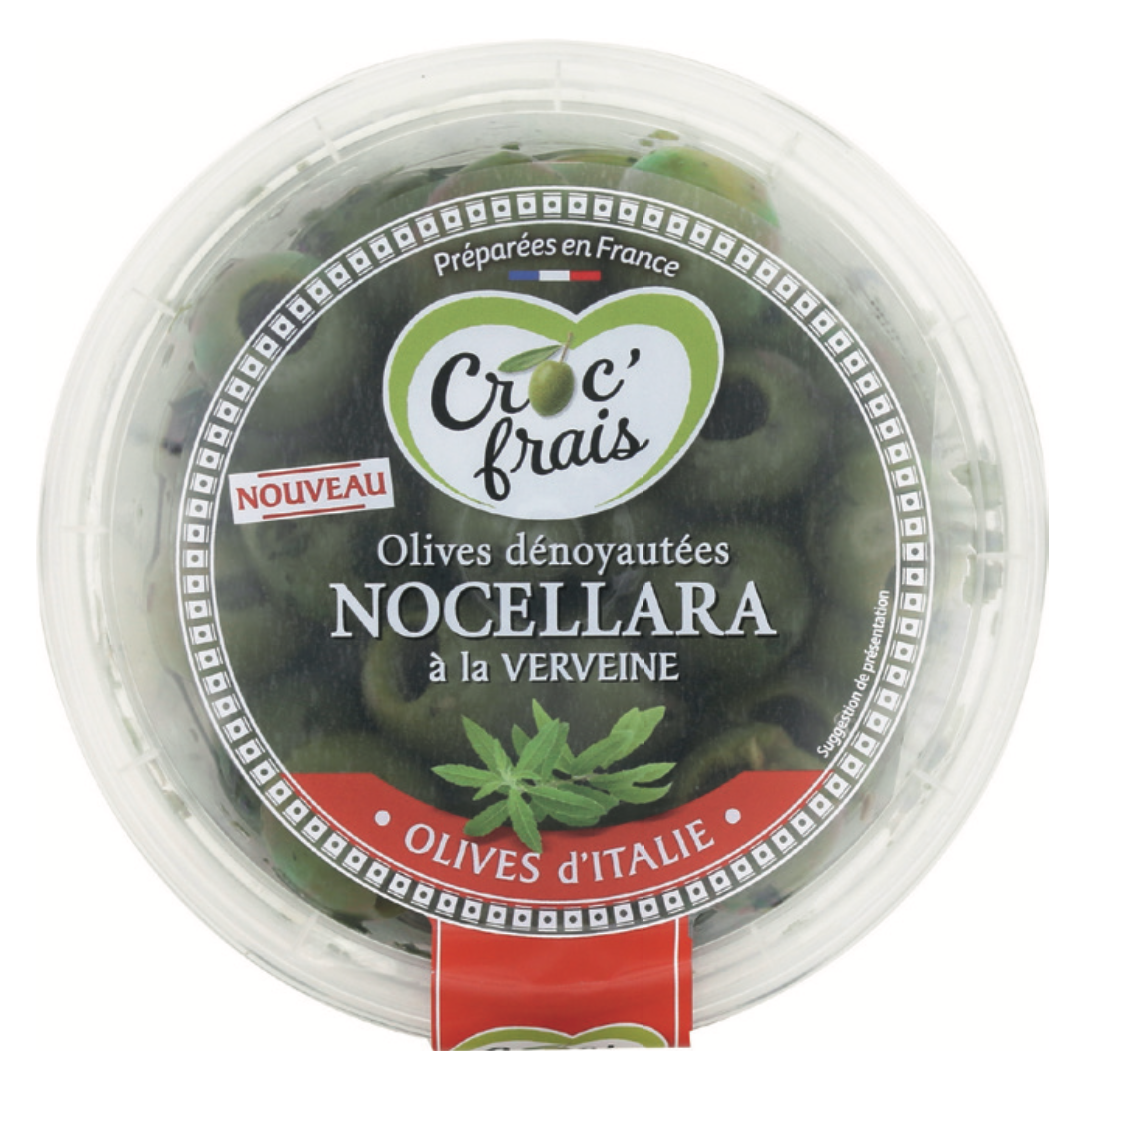 Capture d'écran 2020 04 07 à 15.15.32 - Les nouvelles recettes d'olives fraîches Croc'Frais